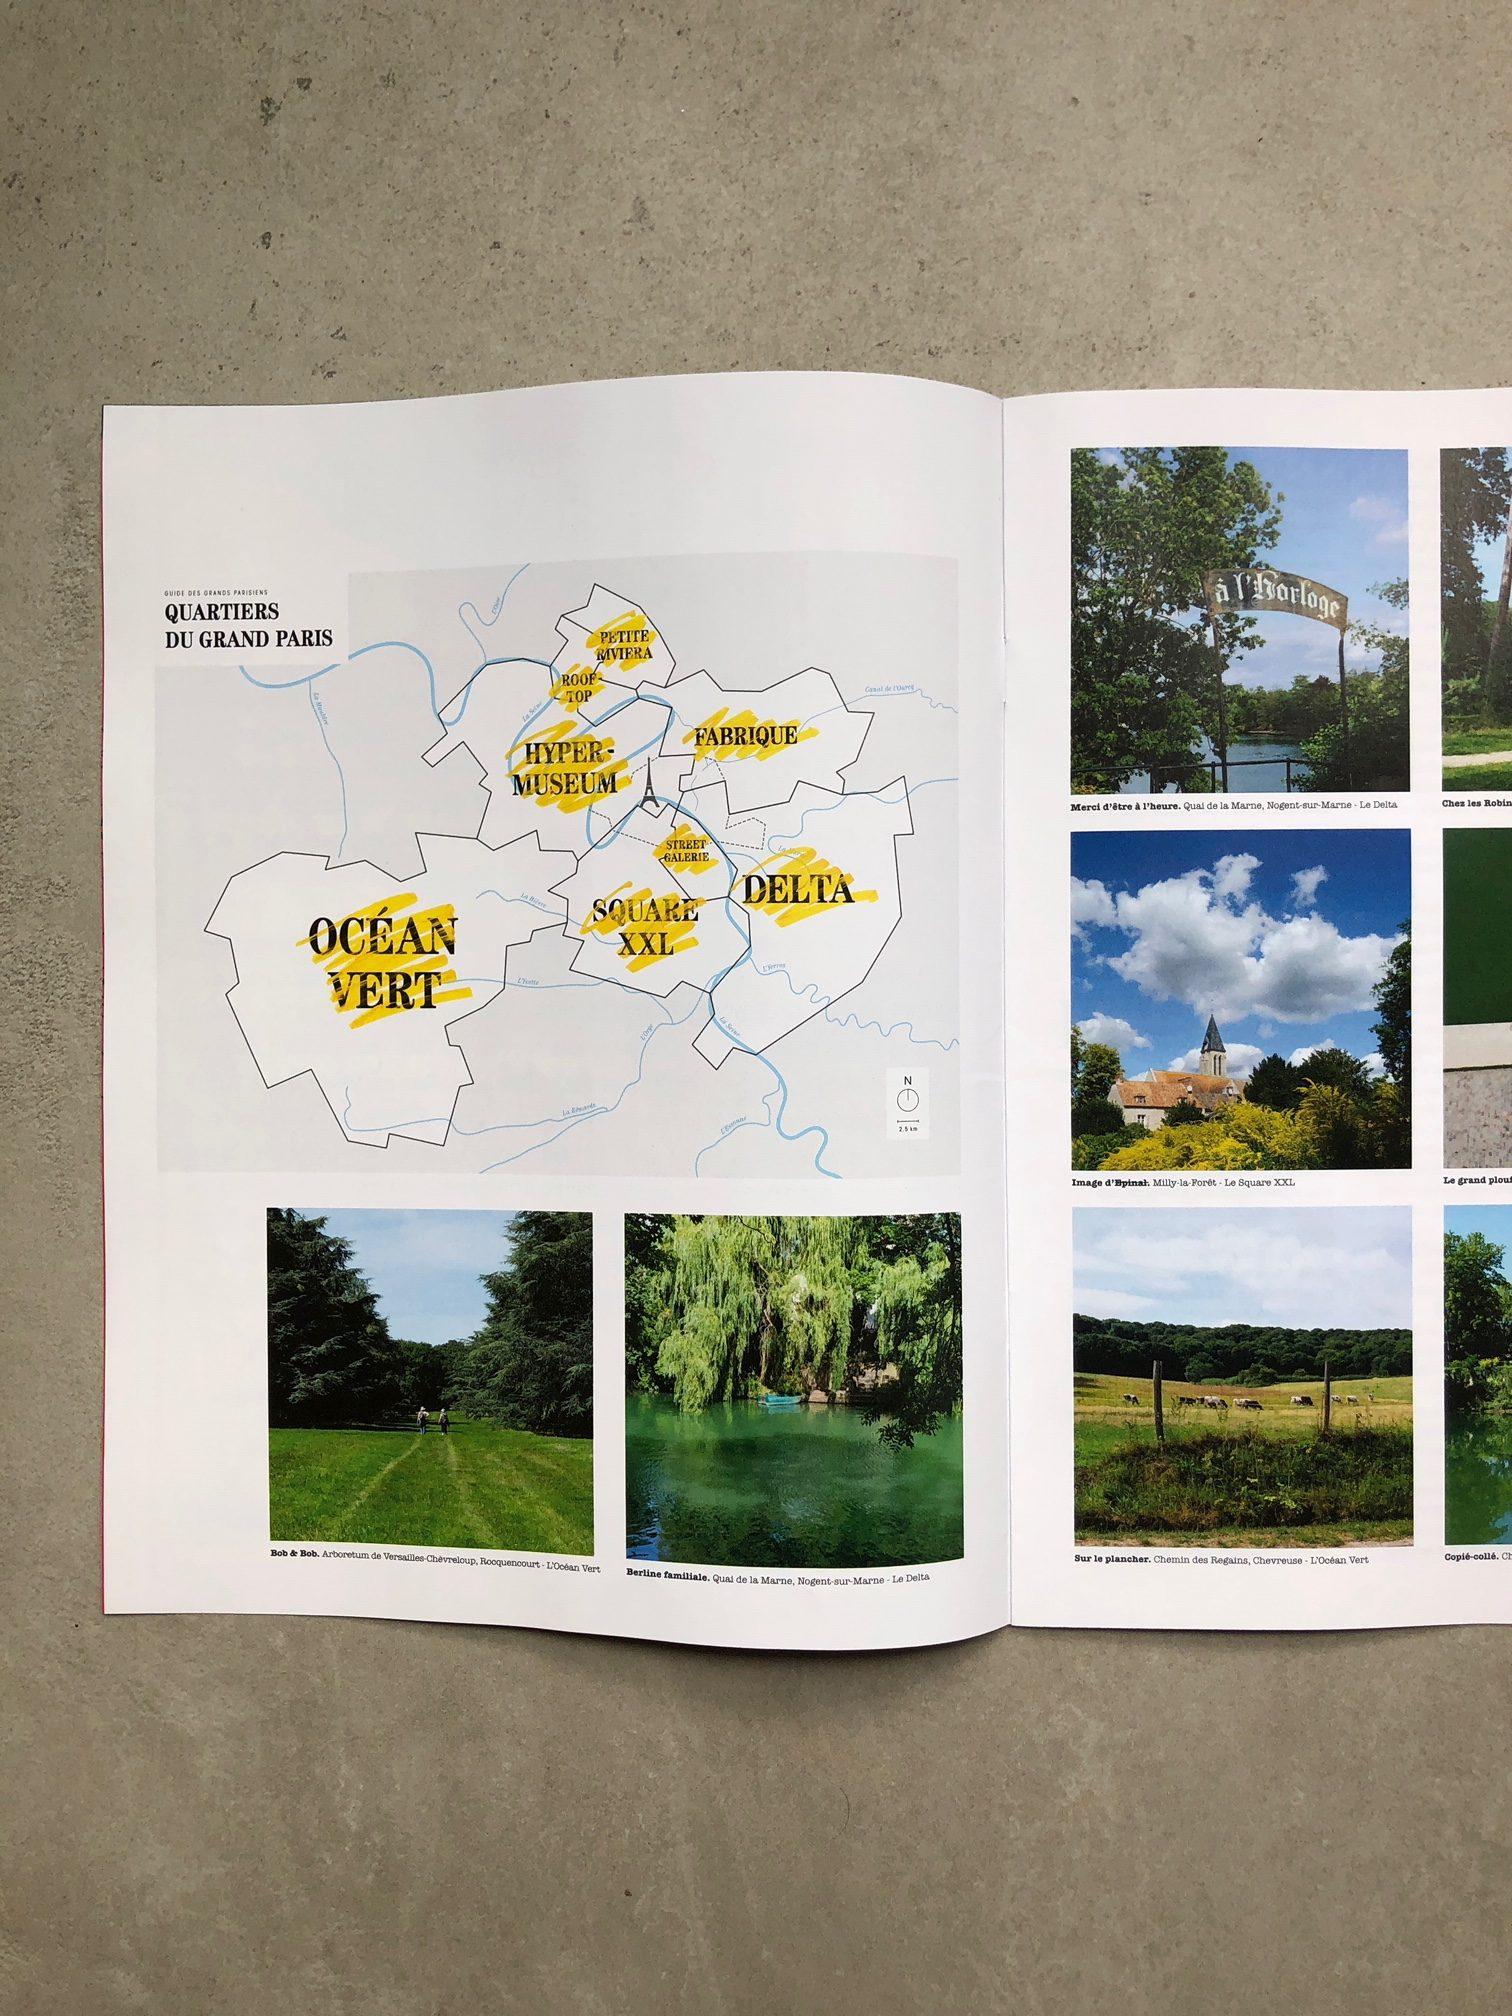 La version spéciale été du Guide des Grands Parisiens paru dans L'Obs ce 2 juillet / © Les Magasins généraux